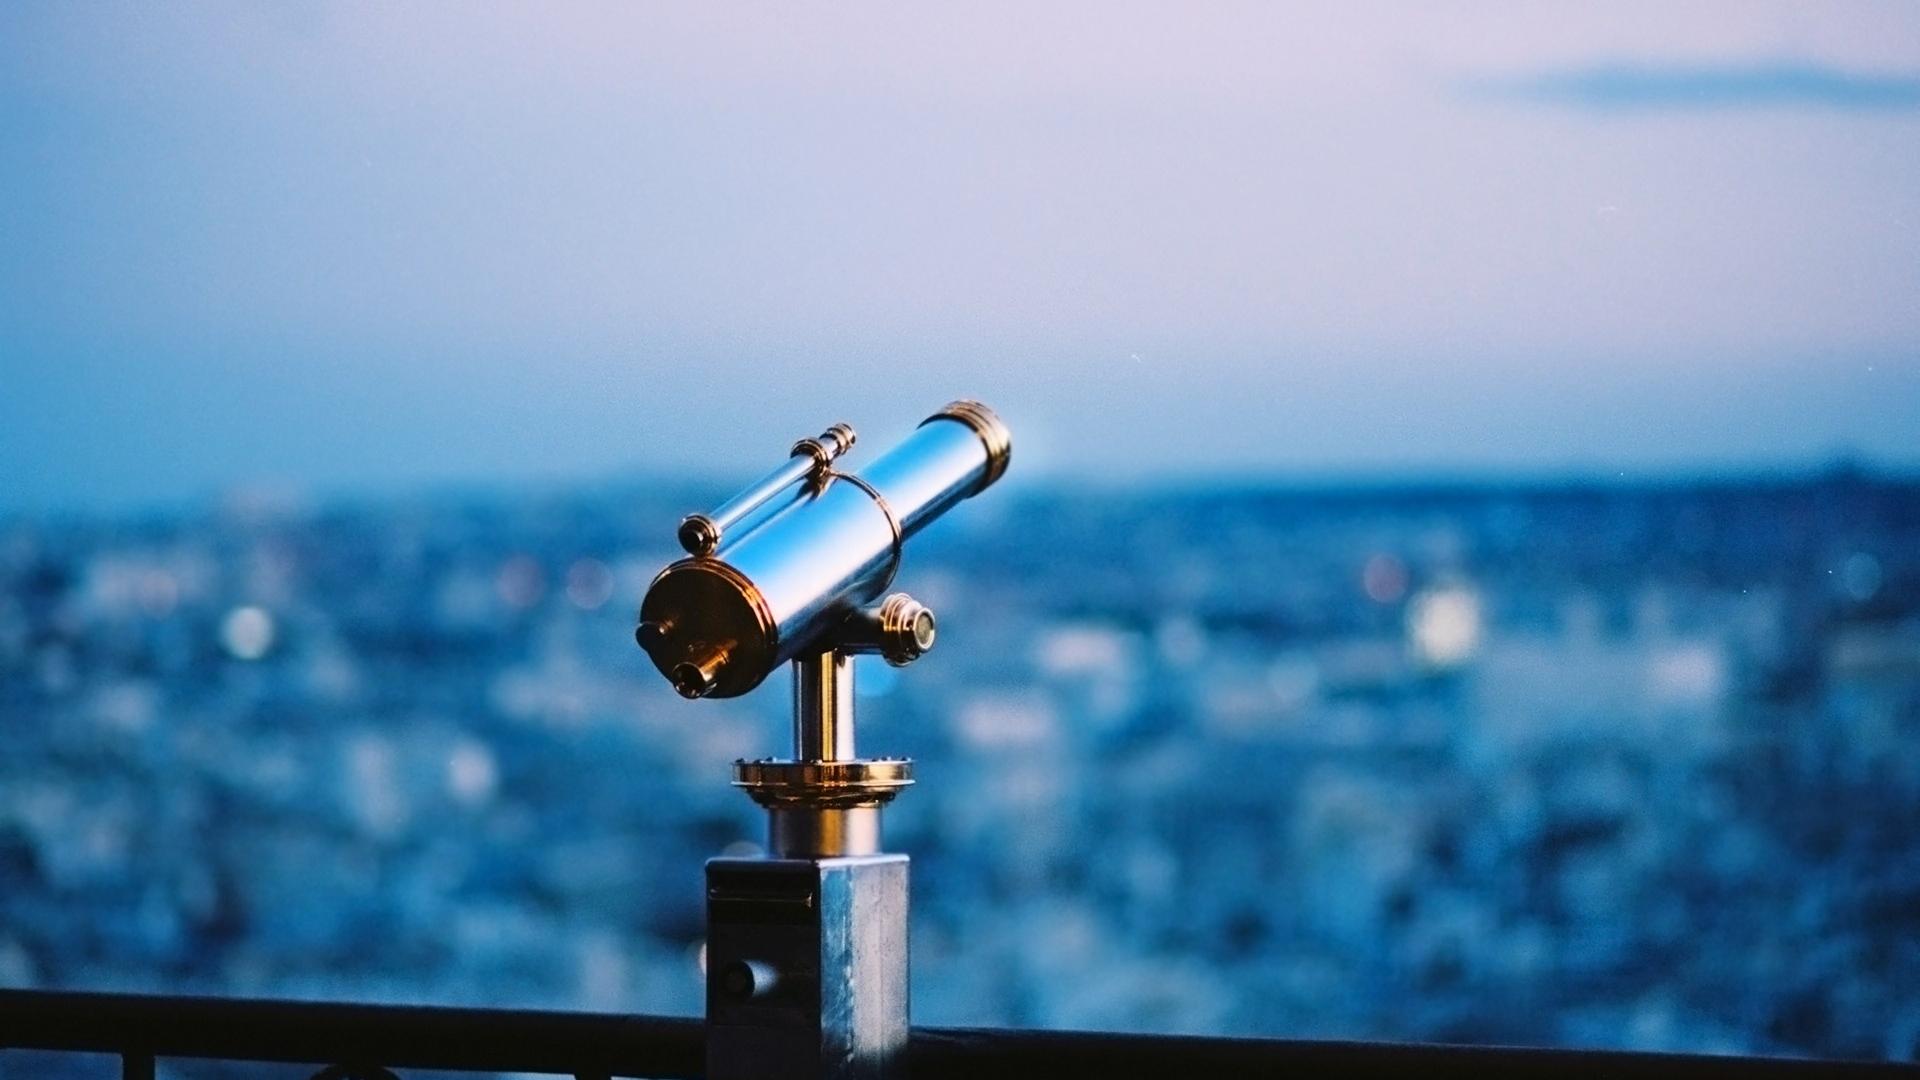 بهترین برند تلسکوپ کدامست؟